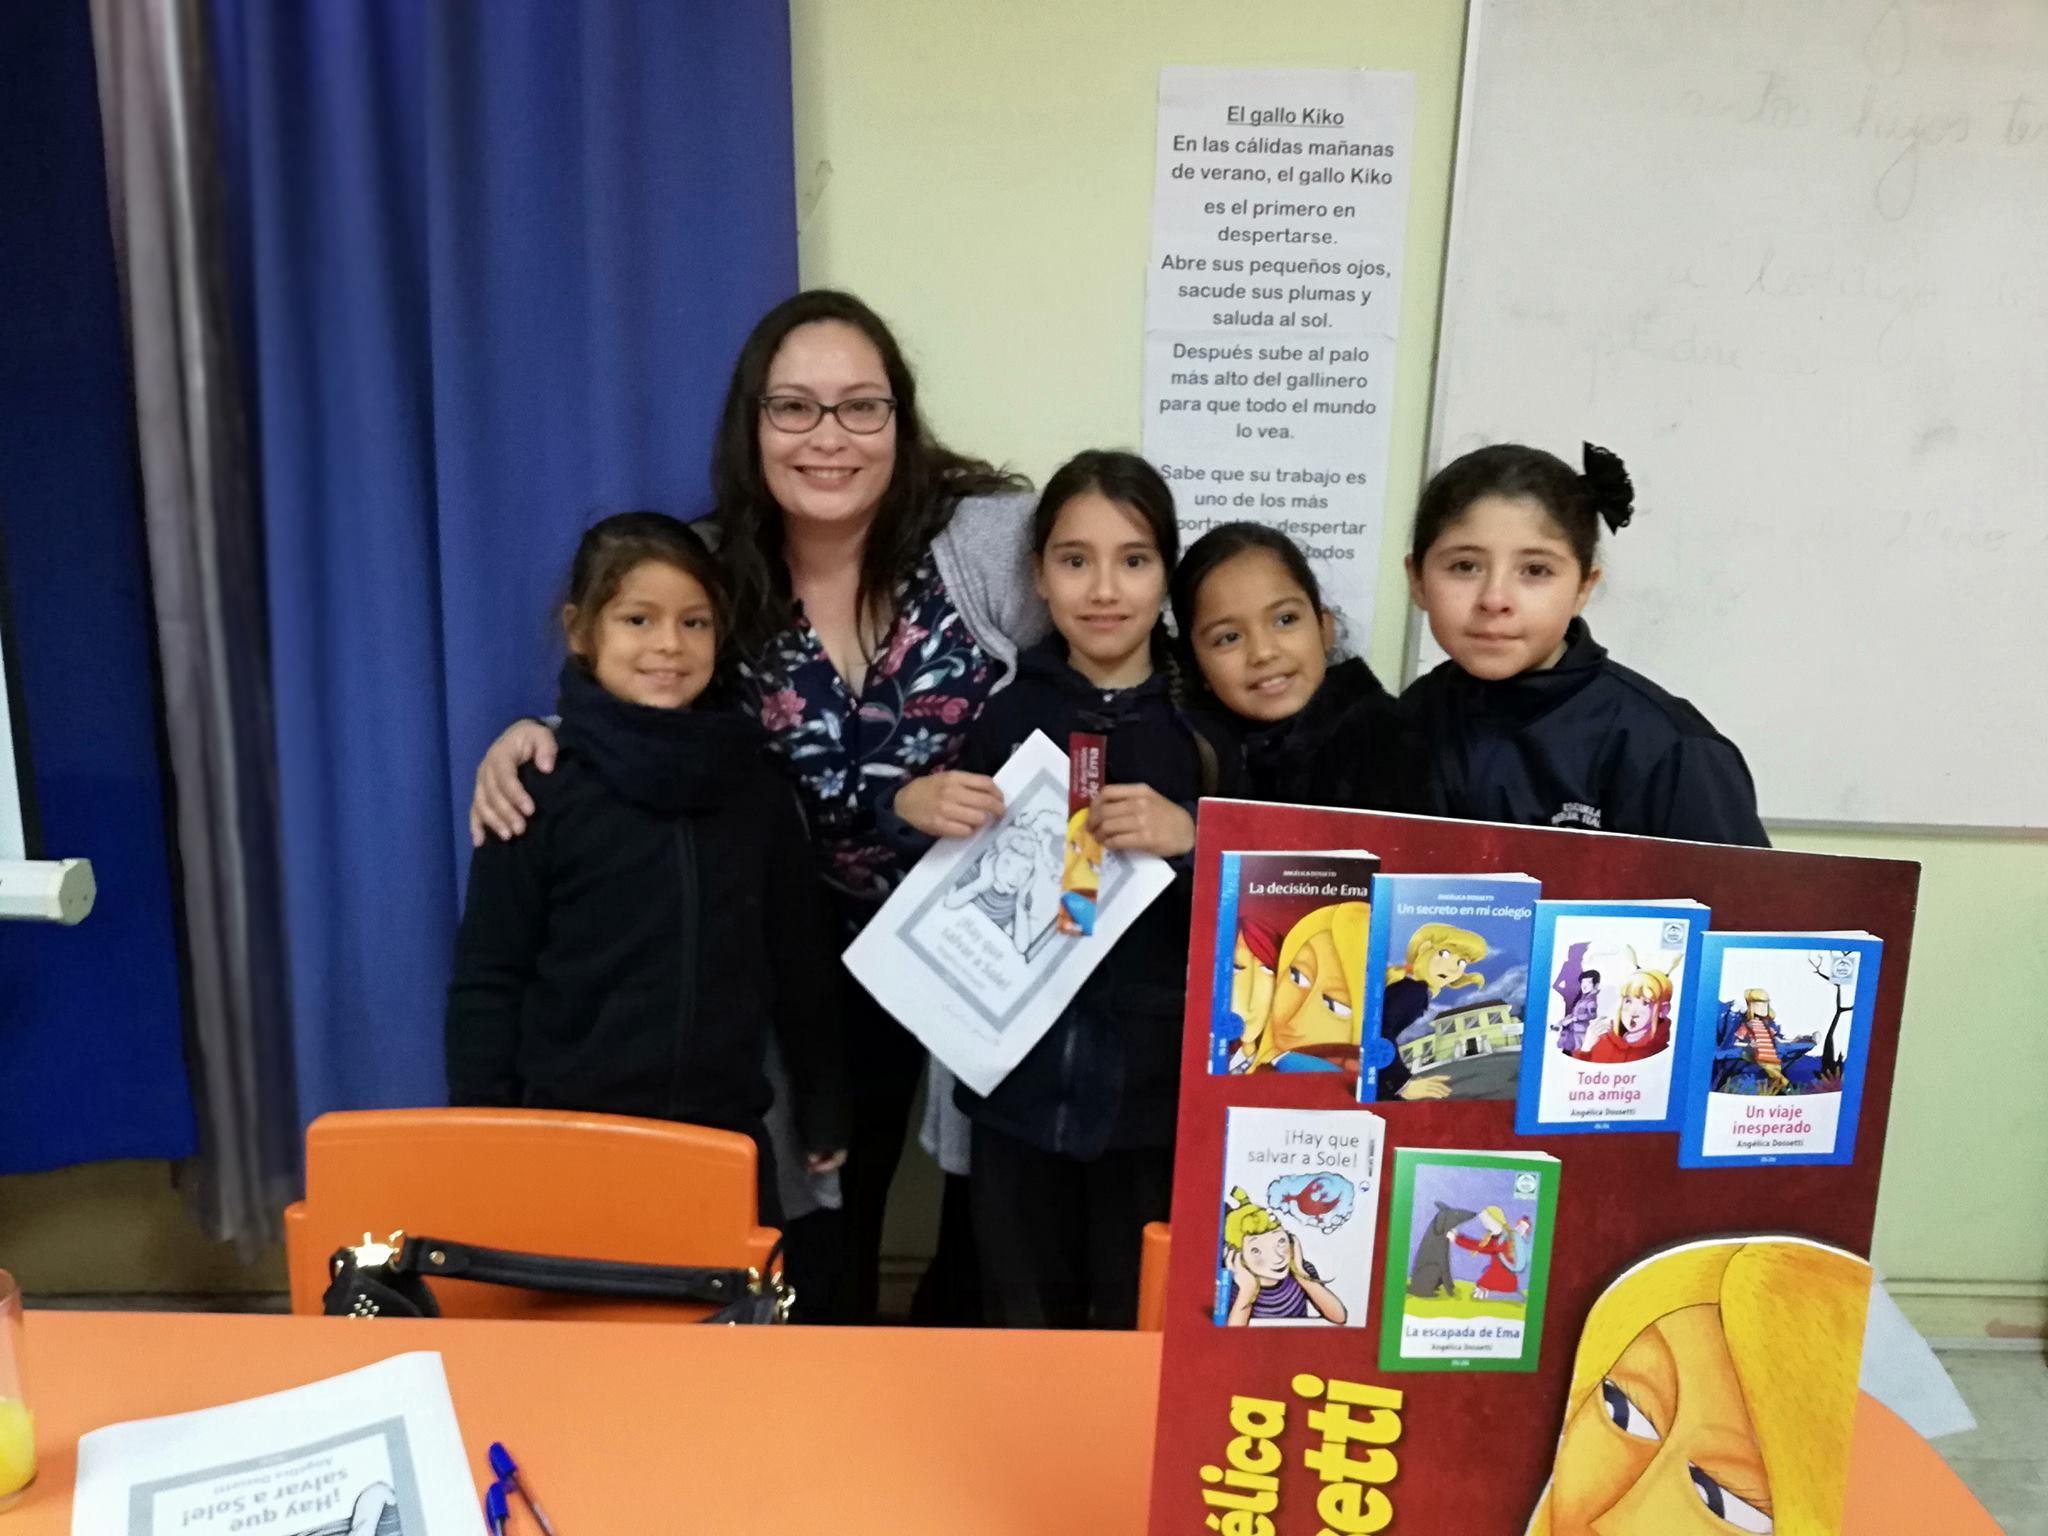 Regiones de Coquimbo y O'Higgins recibieron a autora Angelica Dossetti